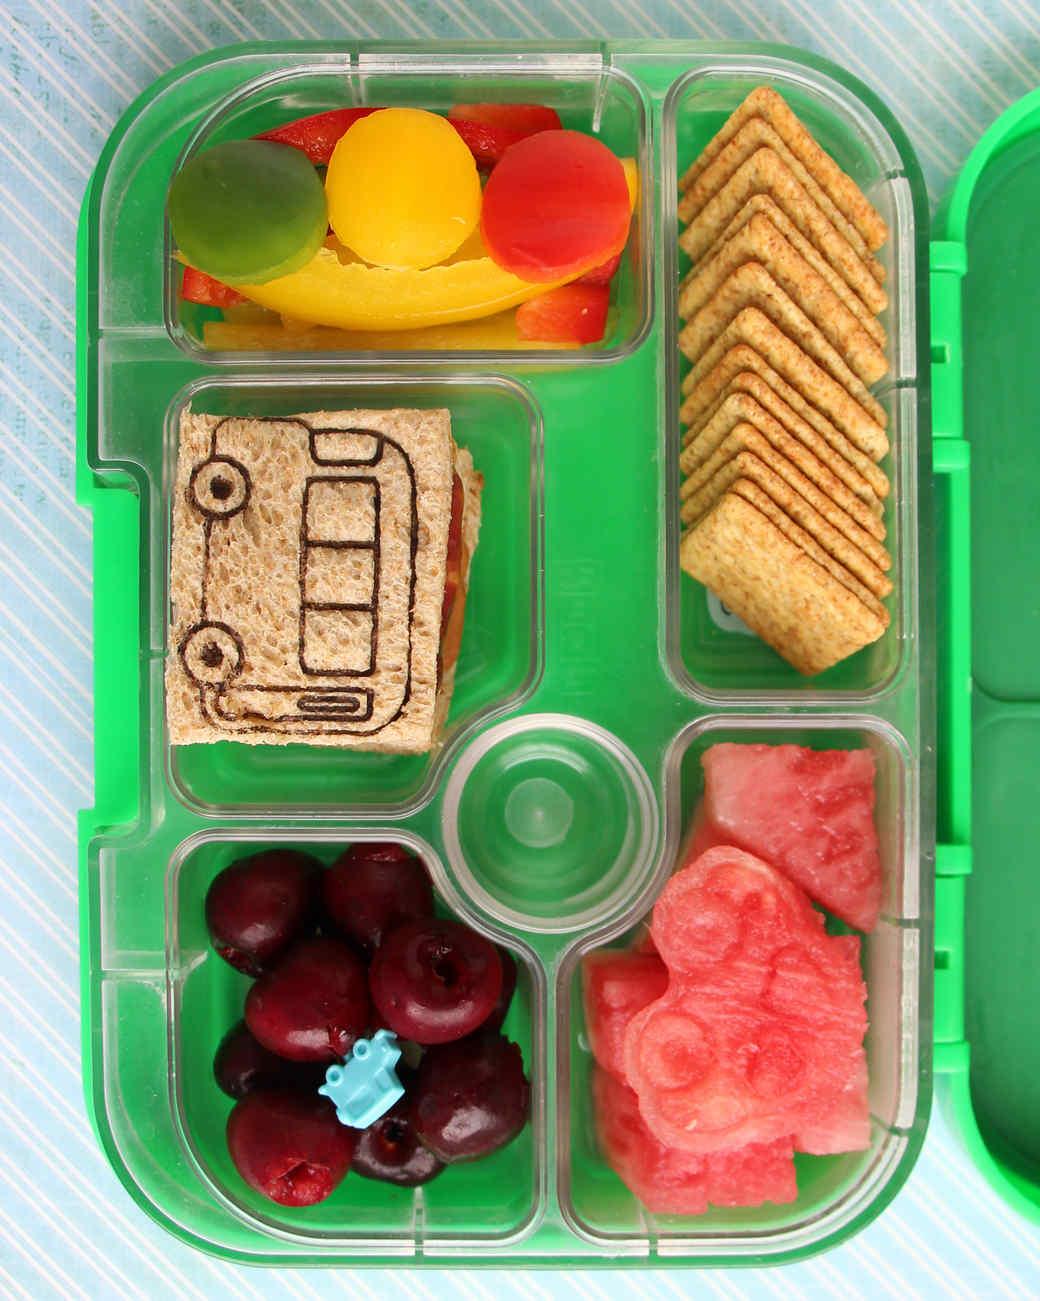 Fullsize Of Lunch Box For Kids